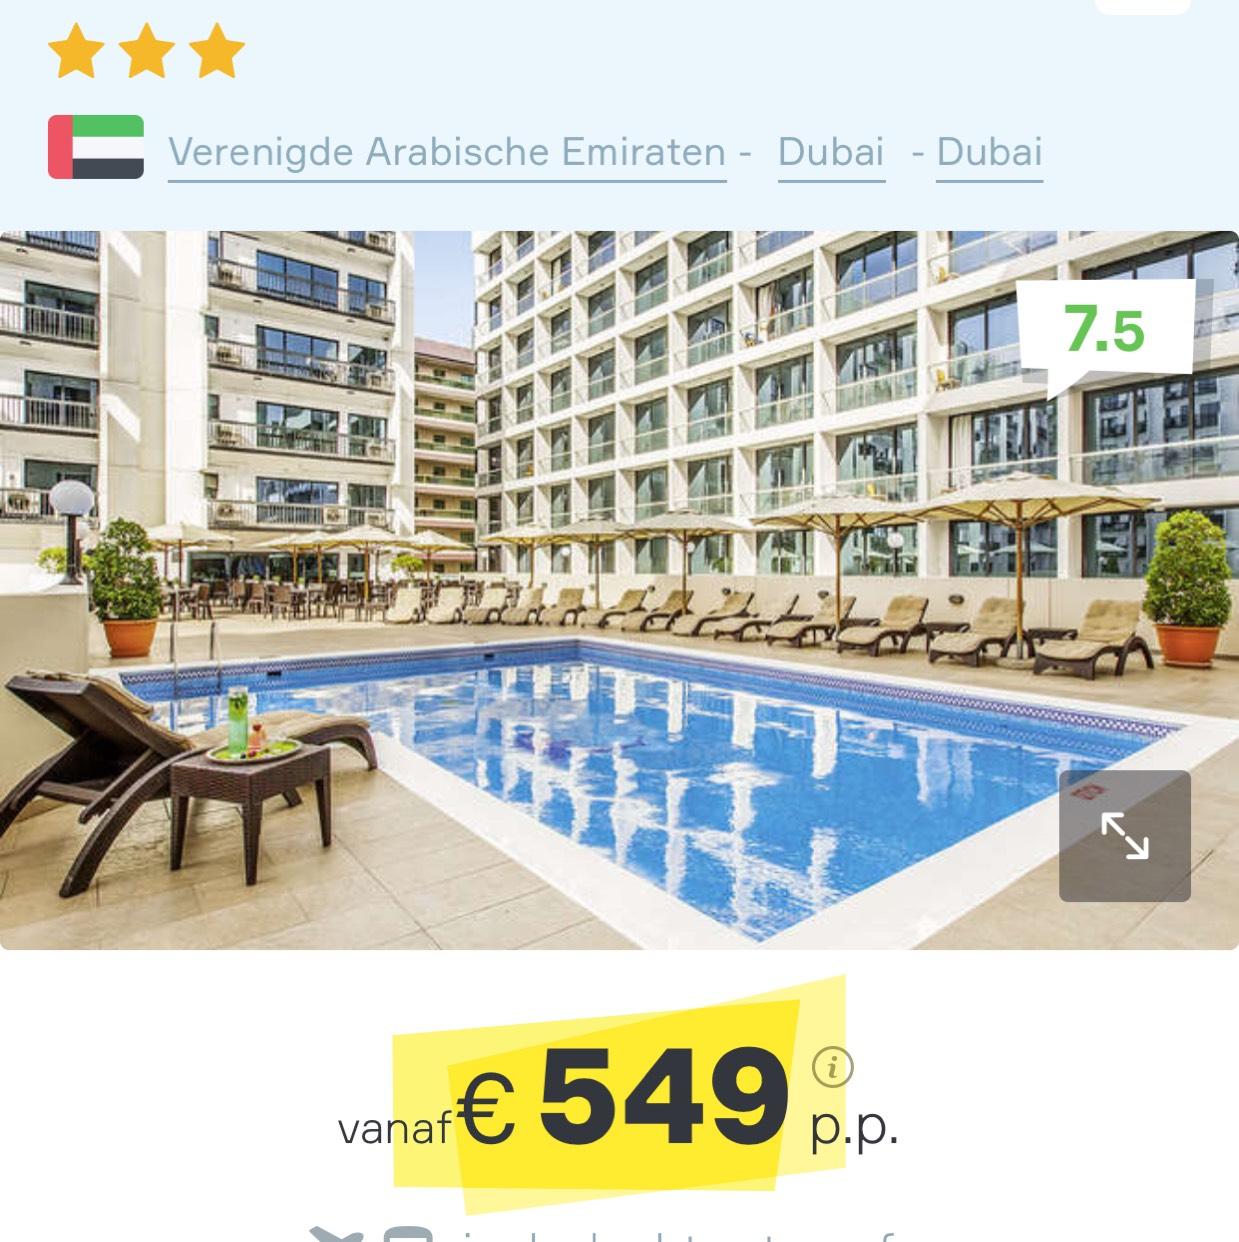 Voor nieuwe jaar naar Dubai? voor €549 @ VakantieDiscounter